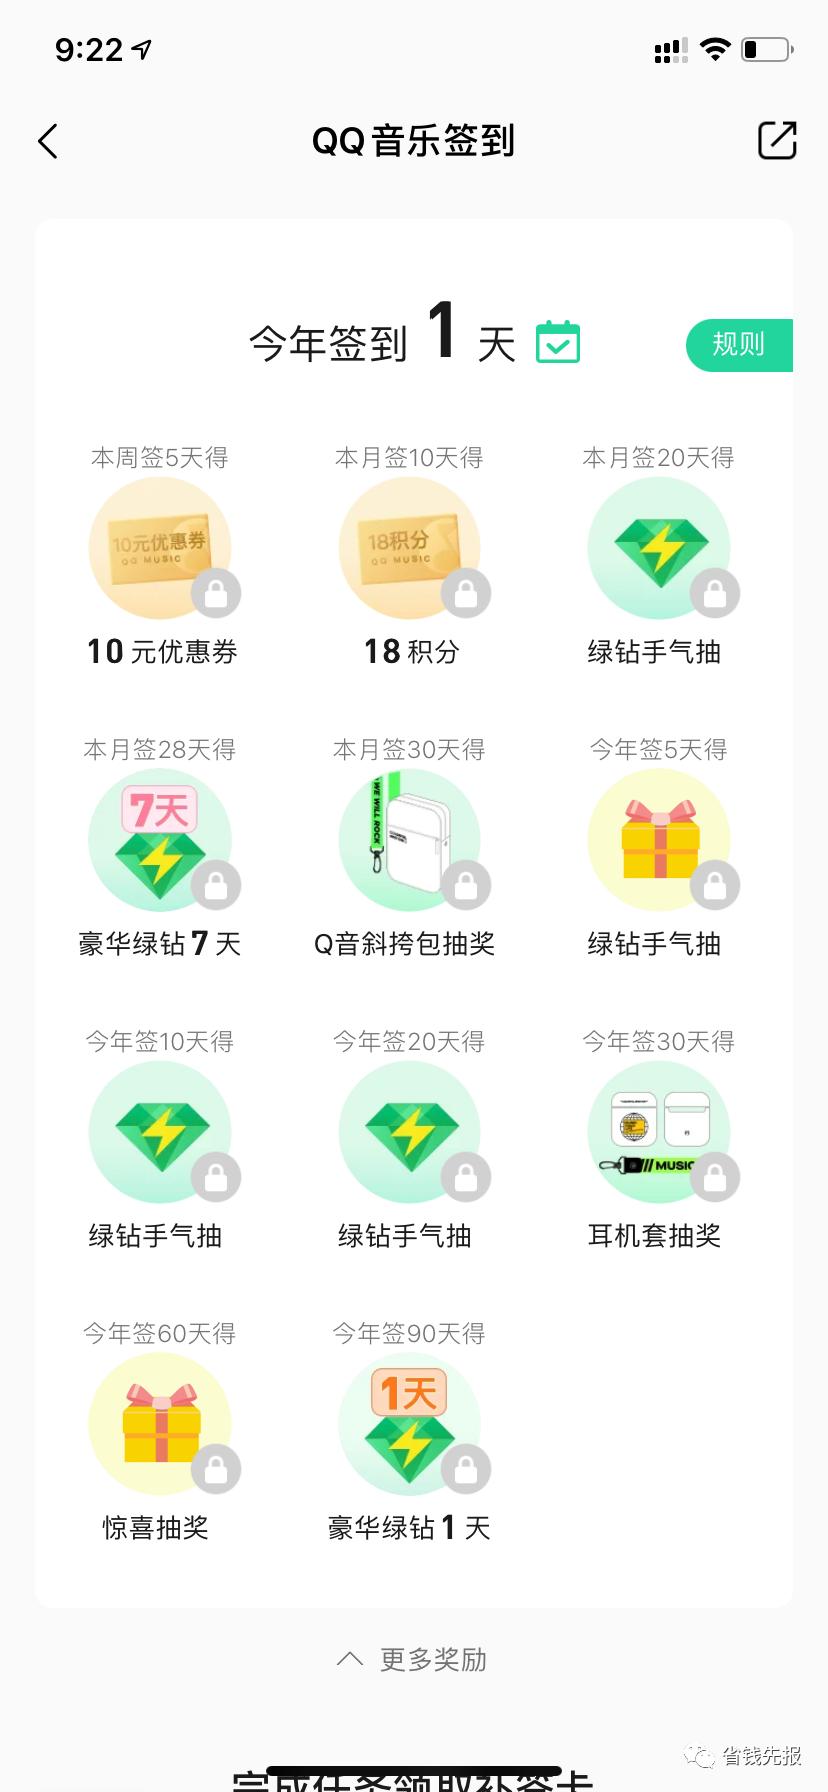 免费QQ音乐会员豪华绿钻1-12天!